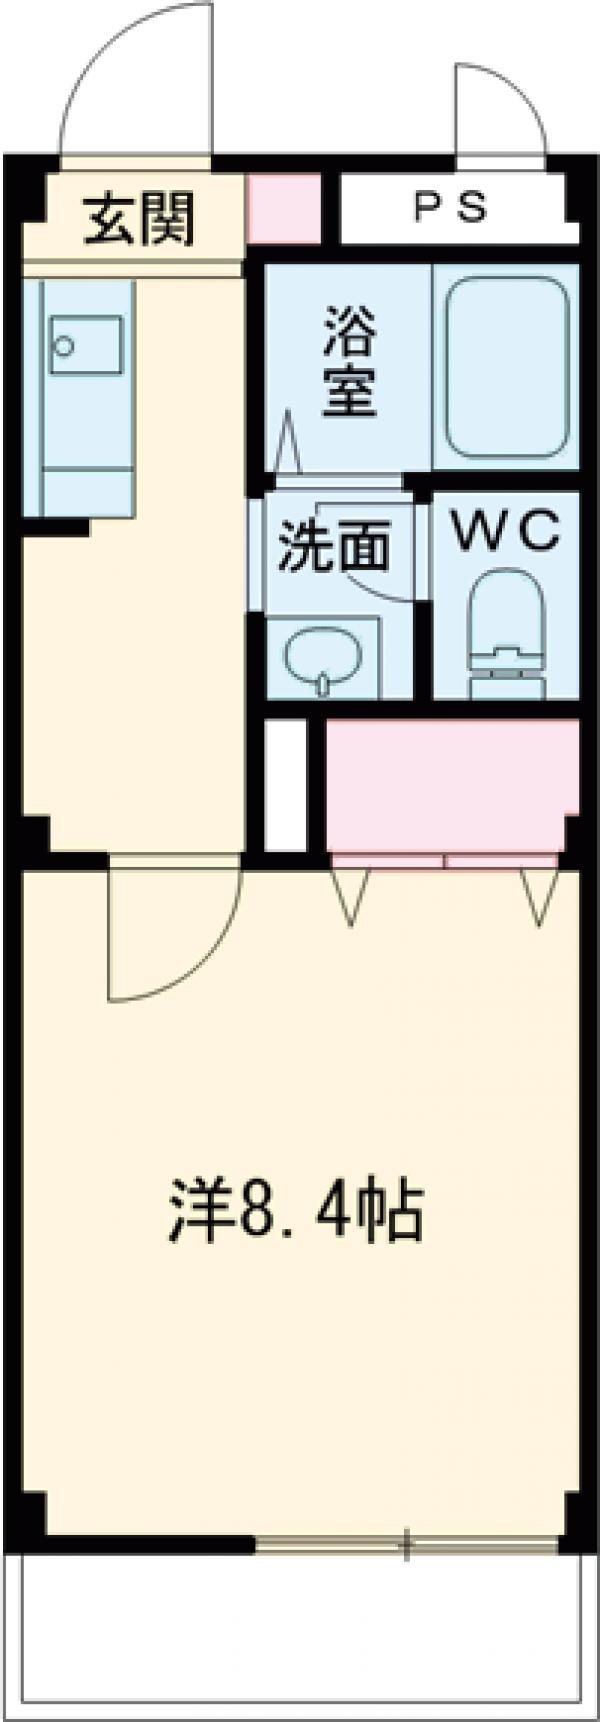 リリズマンション 303号室の間取り